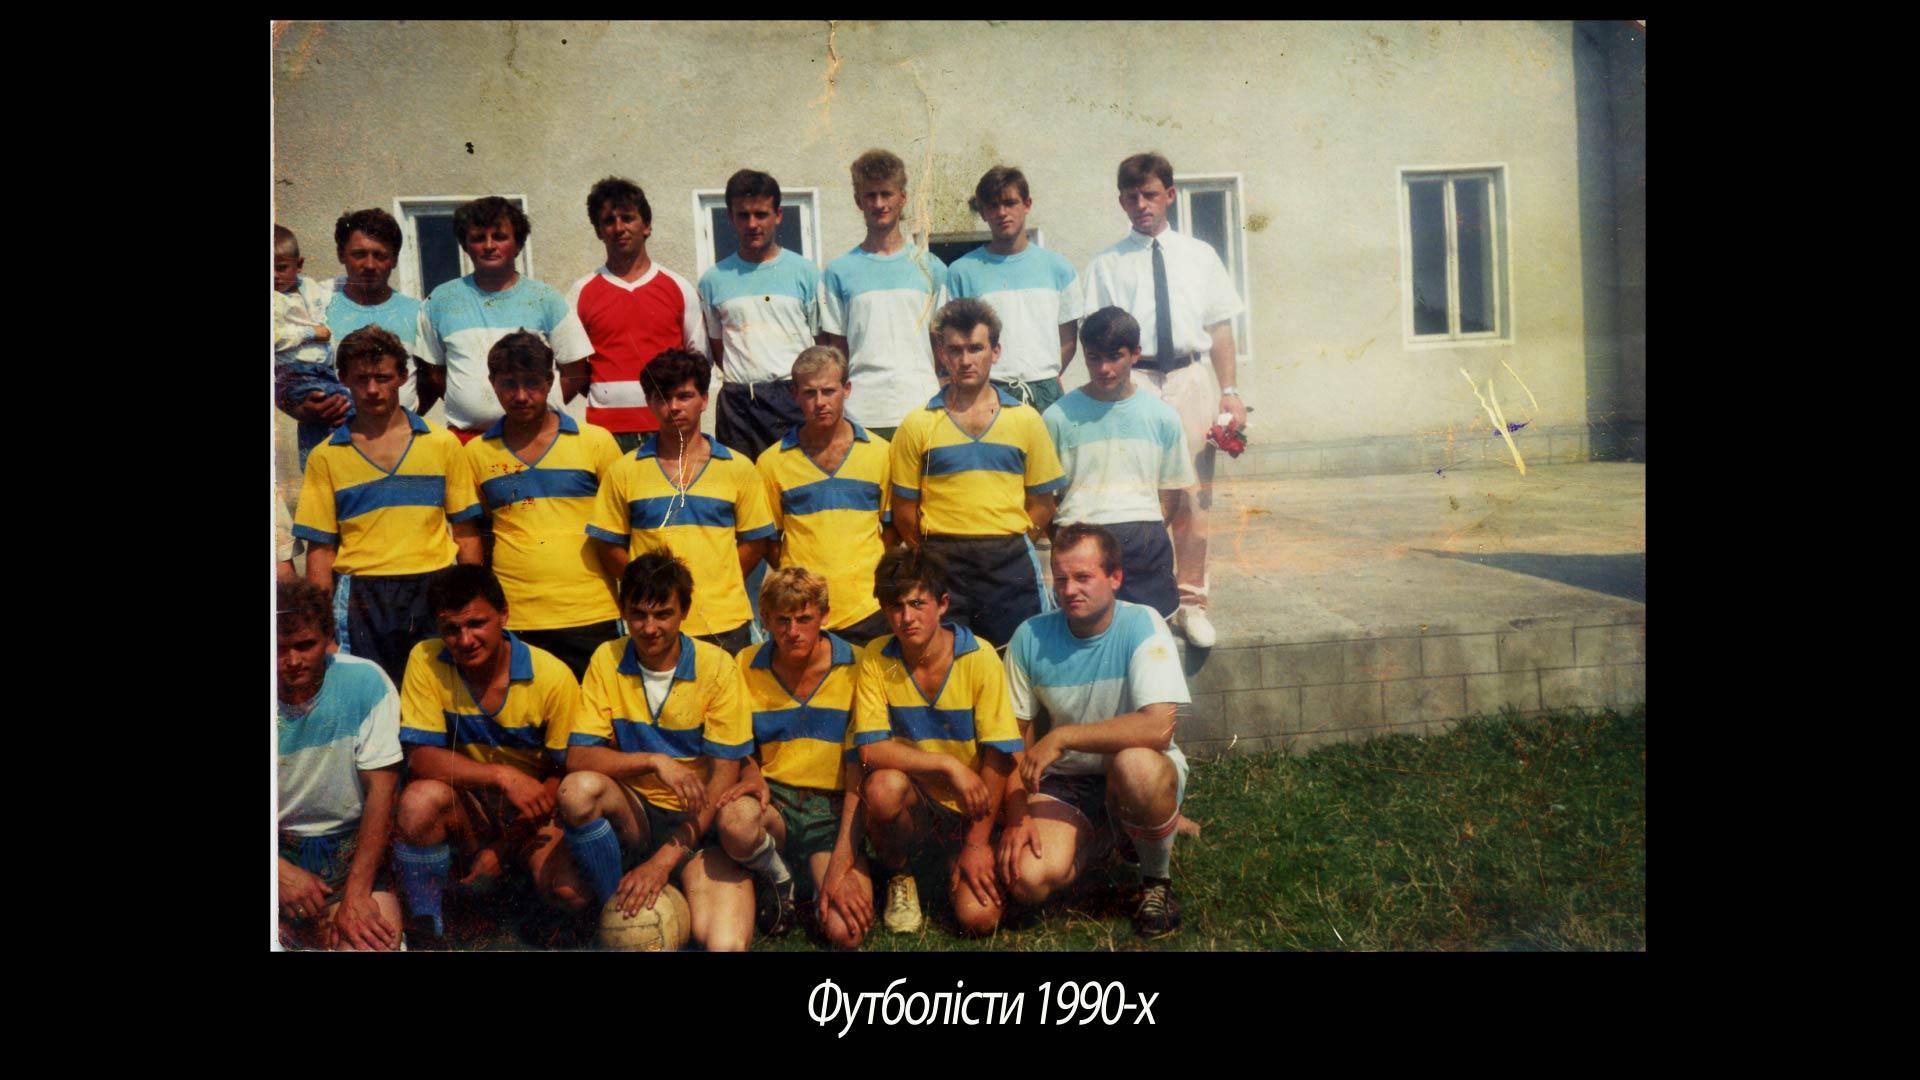 Футболісти 1990-х рр